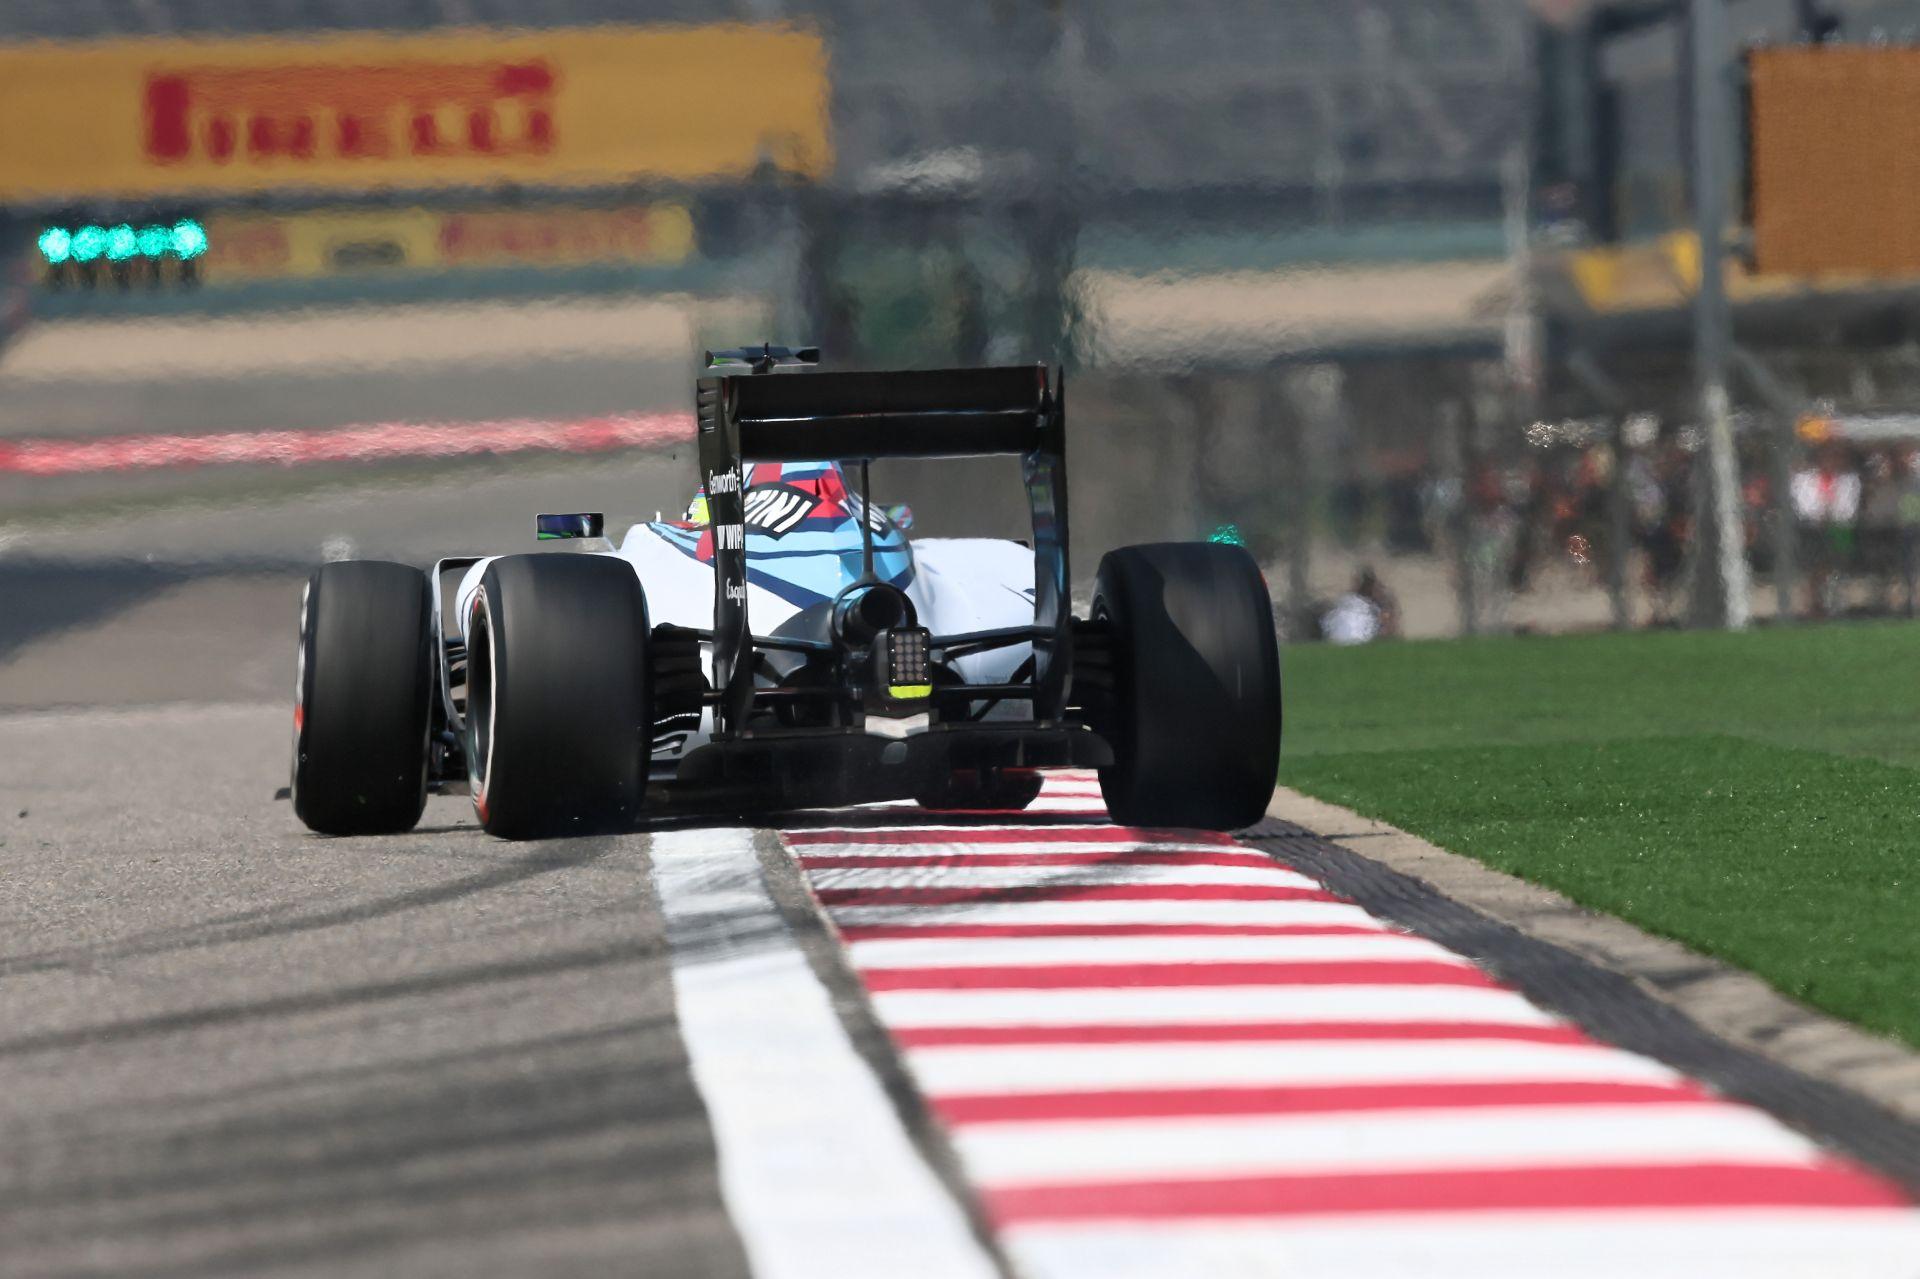 A Williams esélytelen a Mercedes és a Ferrari ellen? A harmadik hely lehet a cél